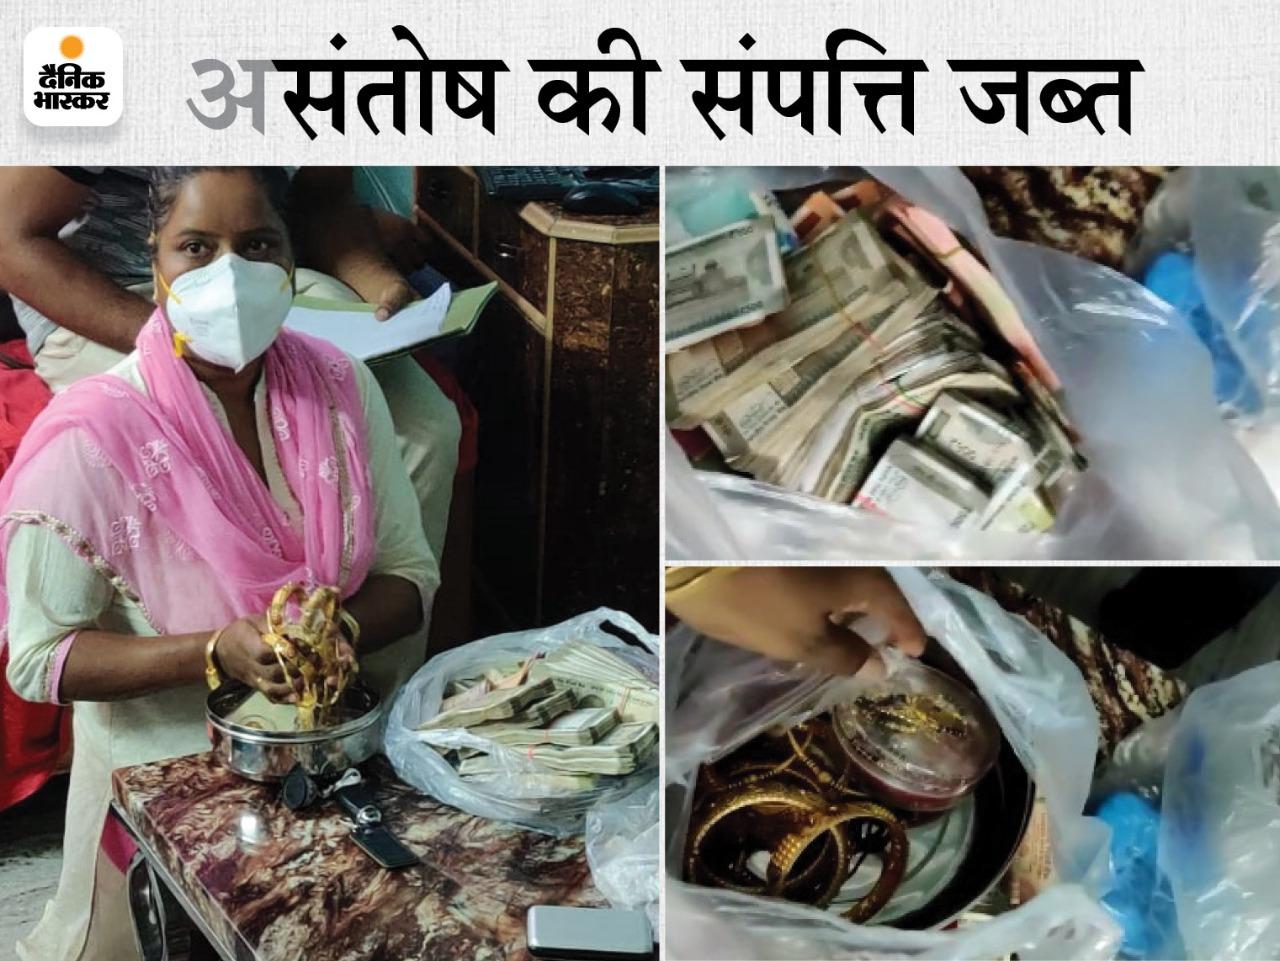 नगर निगम के अकाउंट अफसर के 3 ठिकानों पर लोकायुक्त का छापा; 8 लाख कैश, जेवर और प्रॉपर्टी के कागजात मिले, बंगला ही 3 करोड़ का|मुरैना,Morena - Dainik Bhaskar